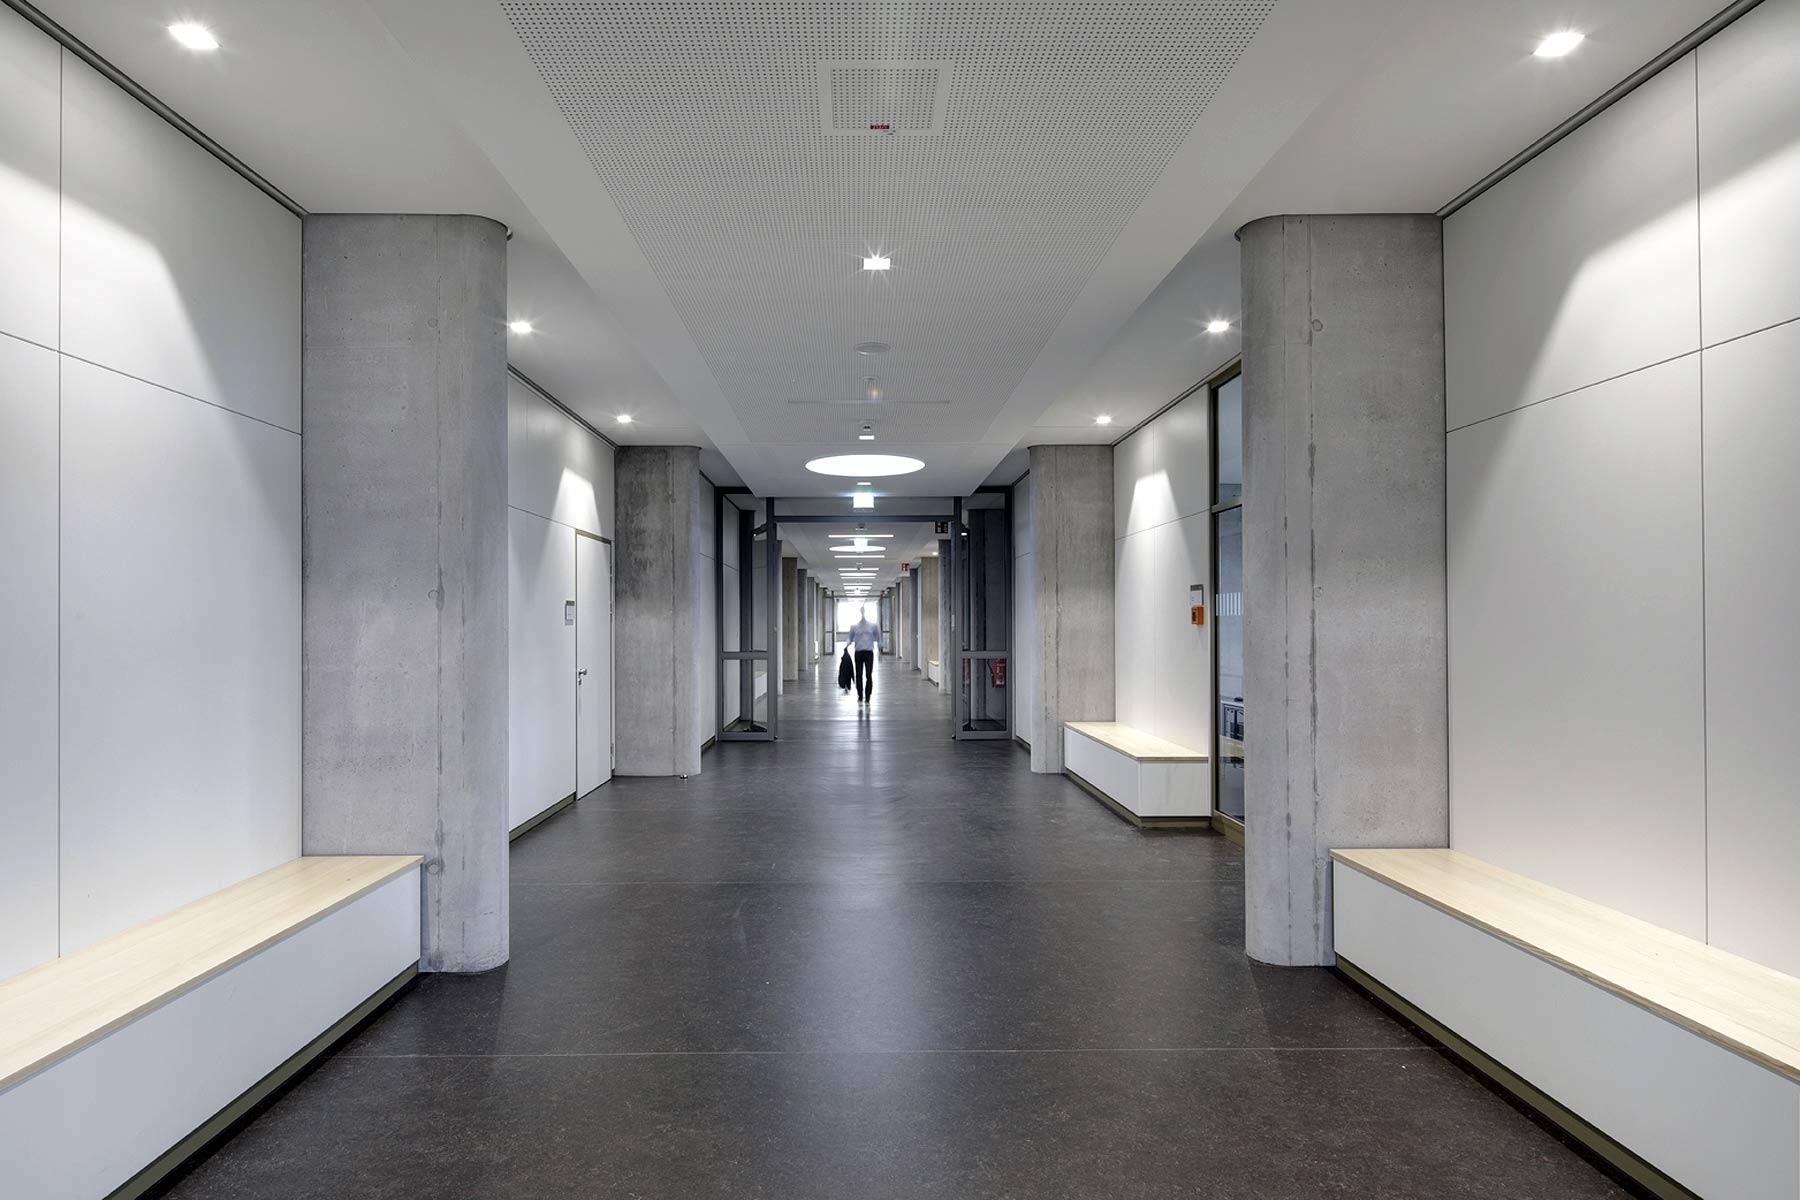 Berufliche Schule Bad Krozingen Flur